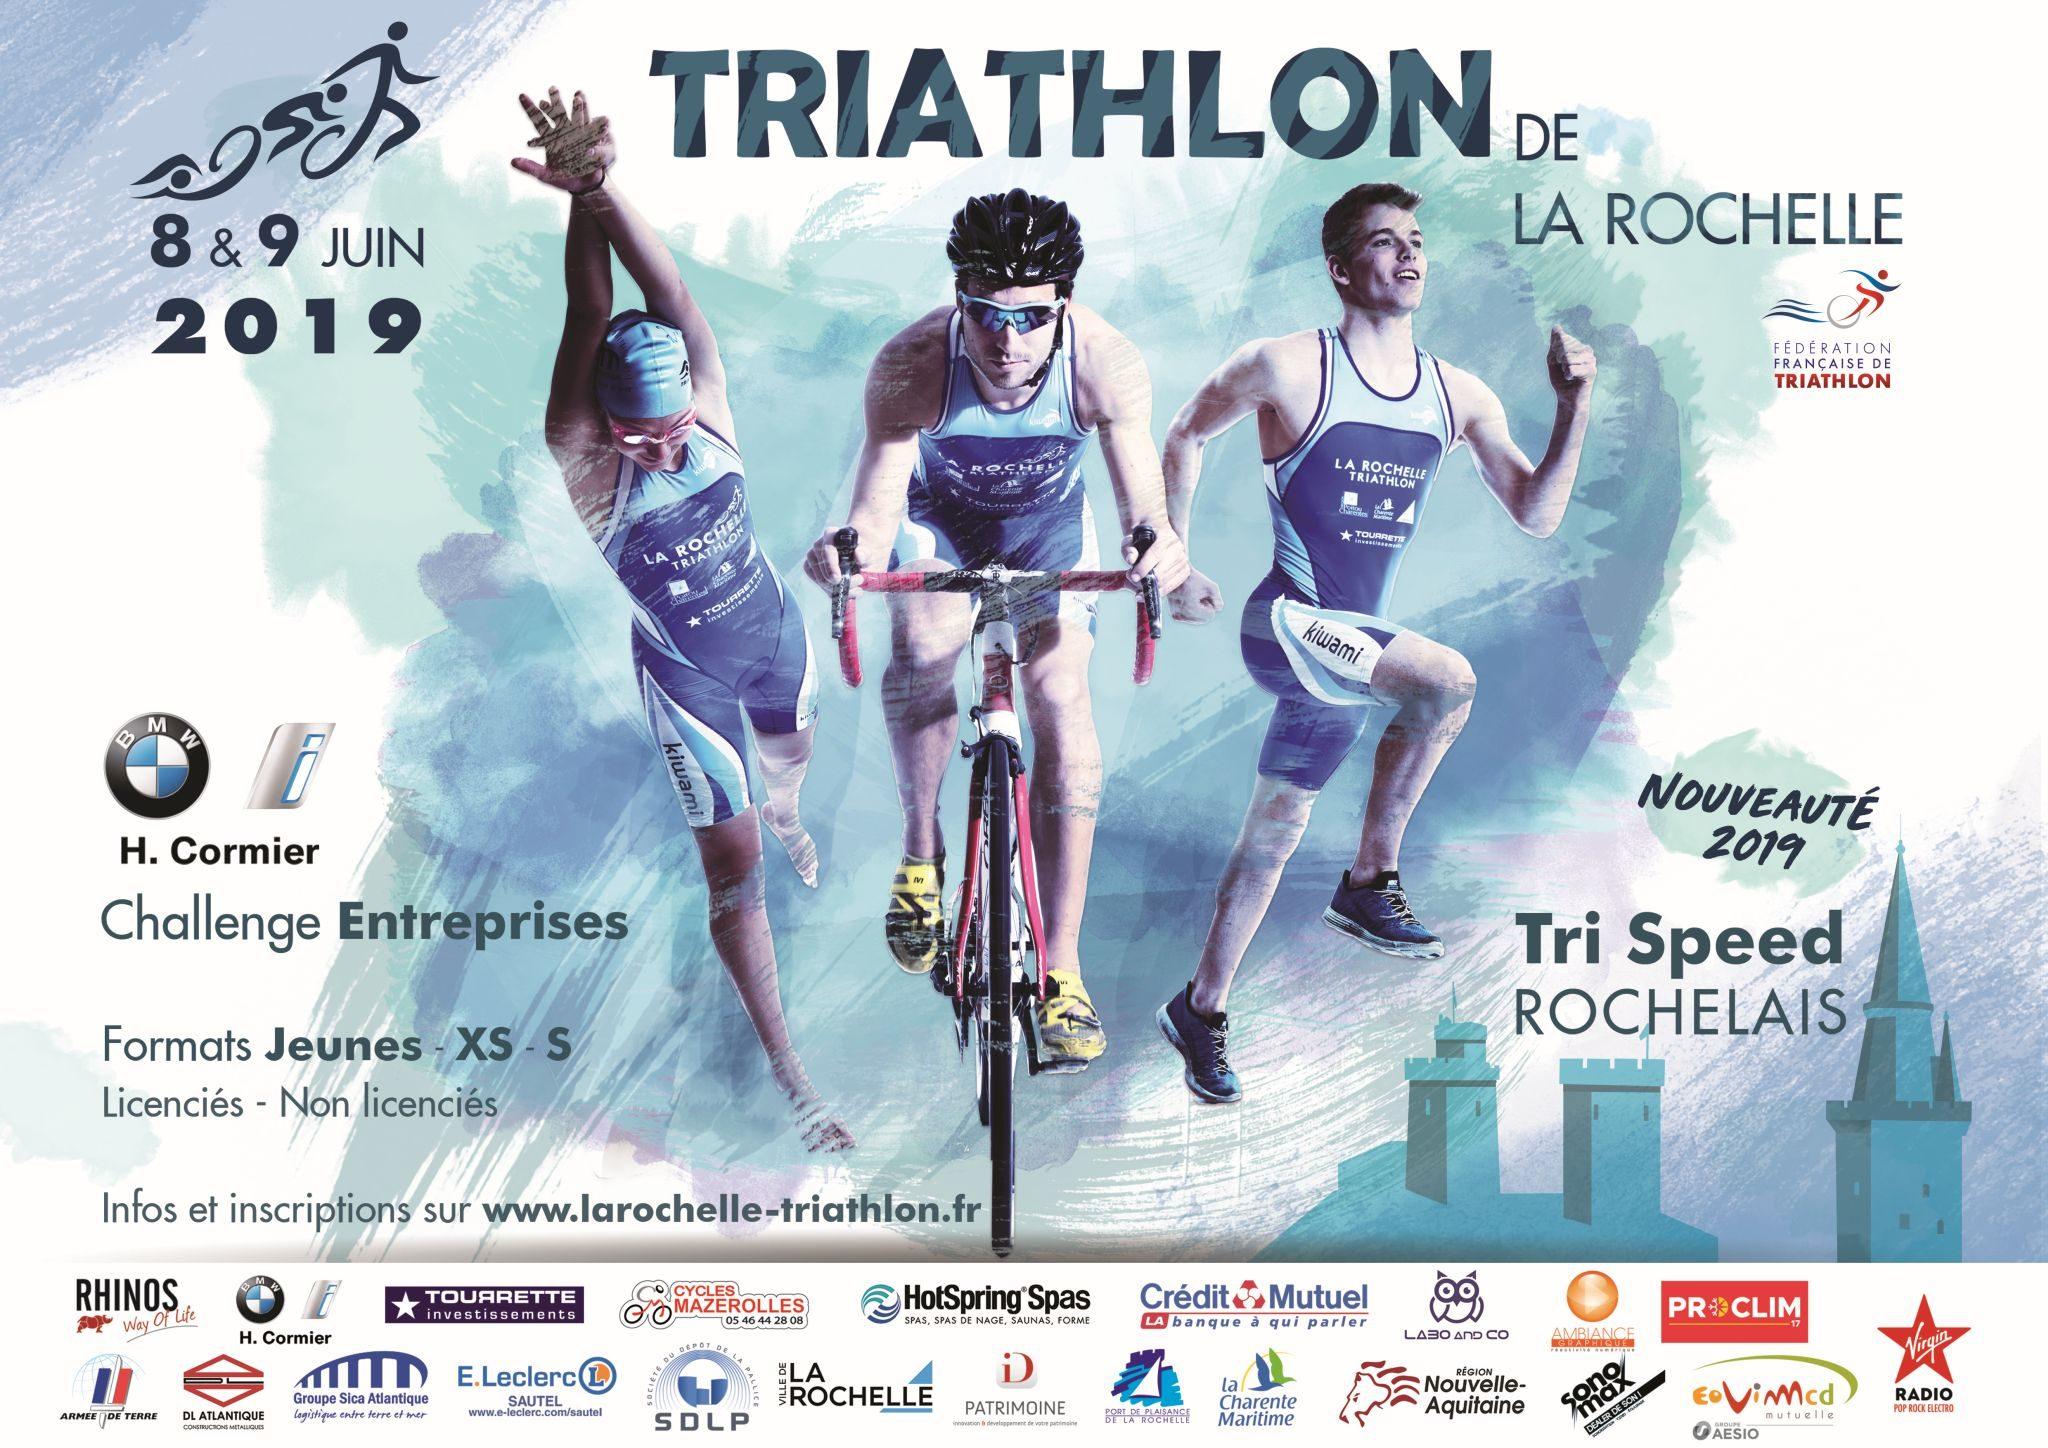 Triathlon Calendrier 2020.Triathlon De La Rochelle 2019 La Rochelle Triathlon